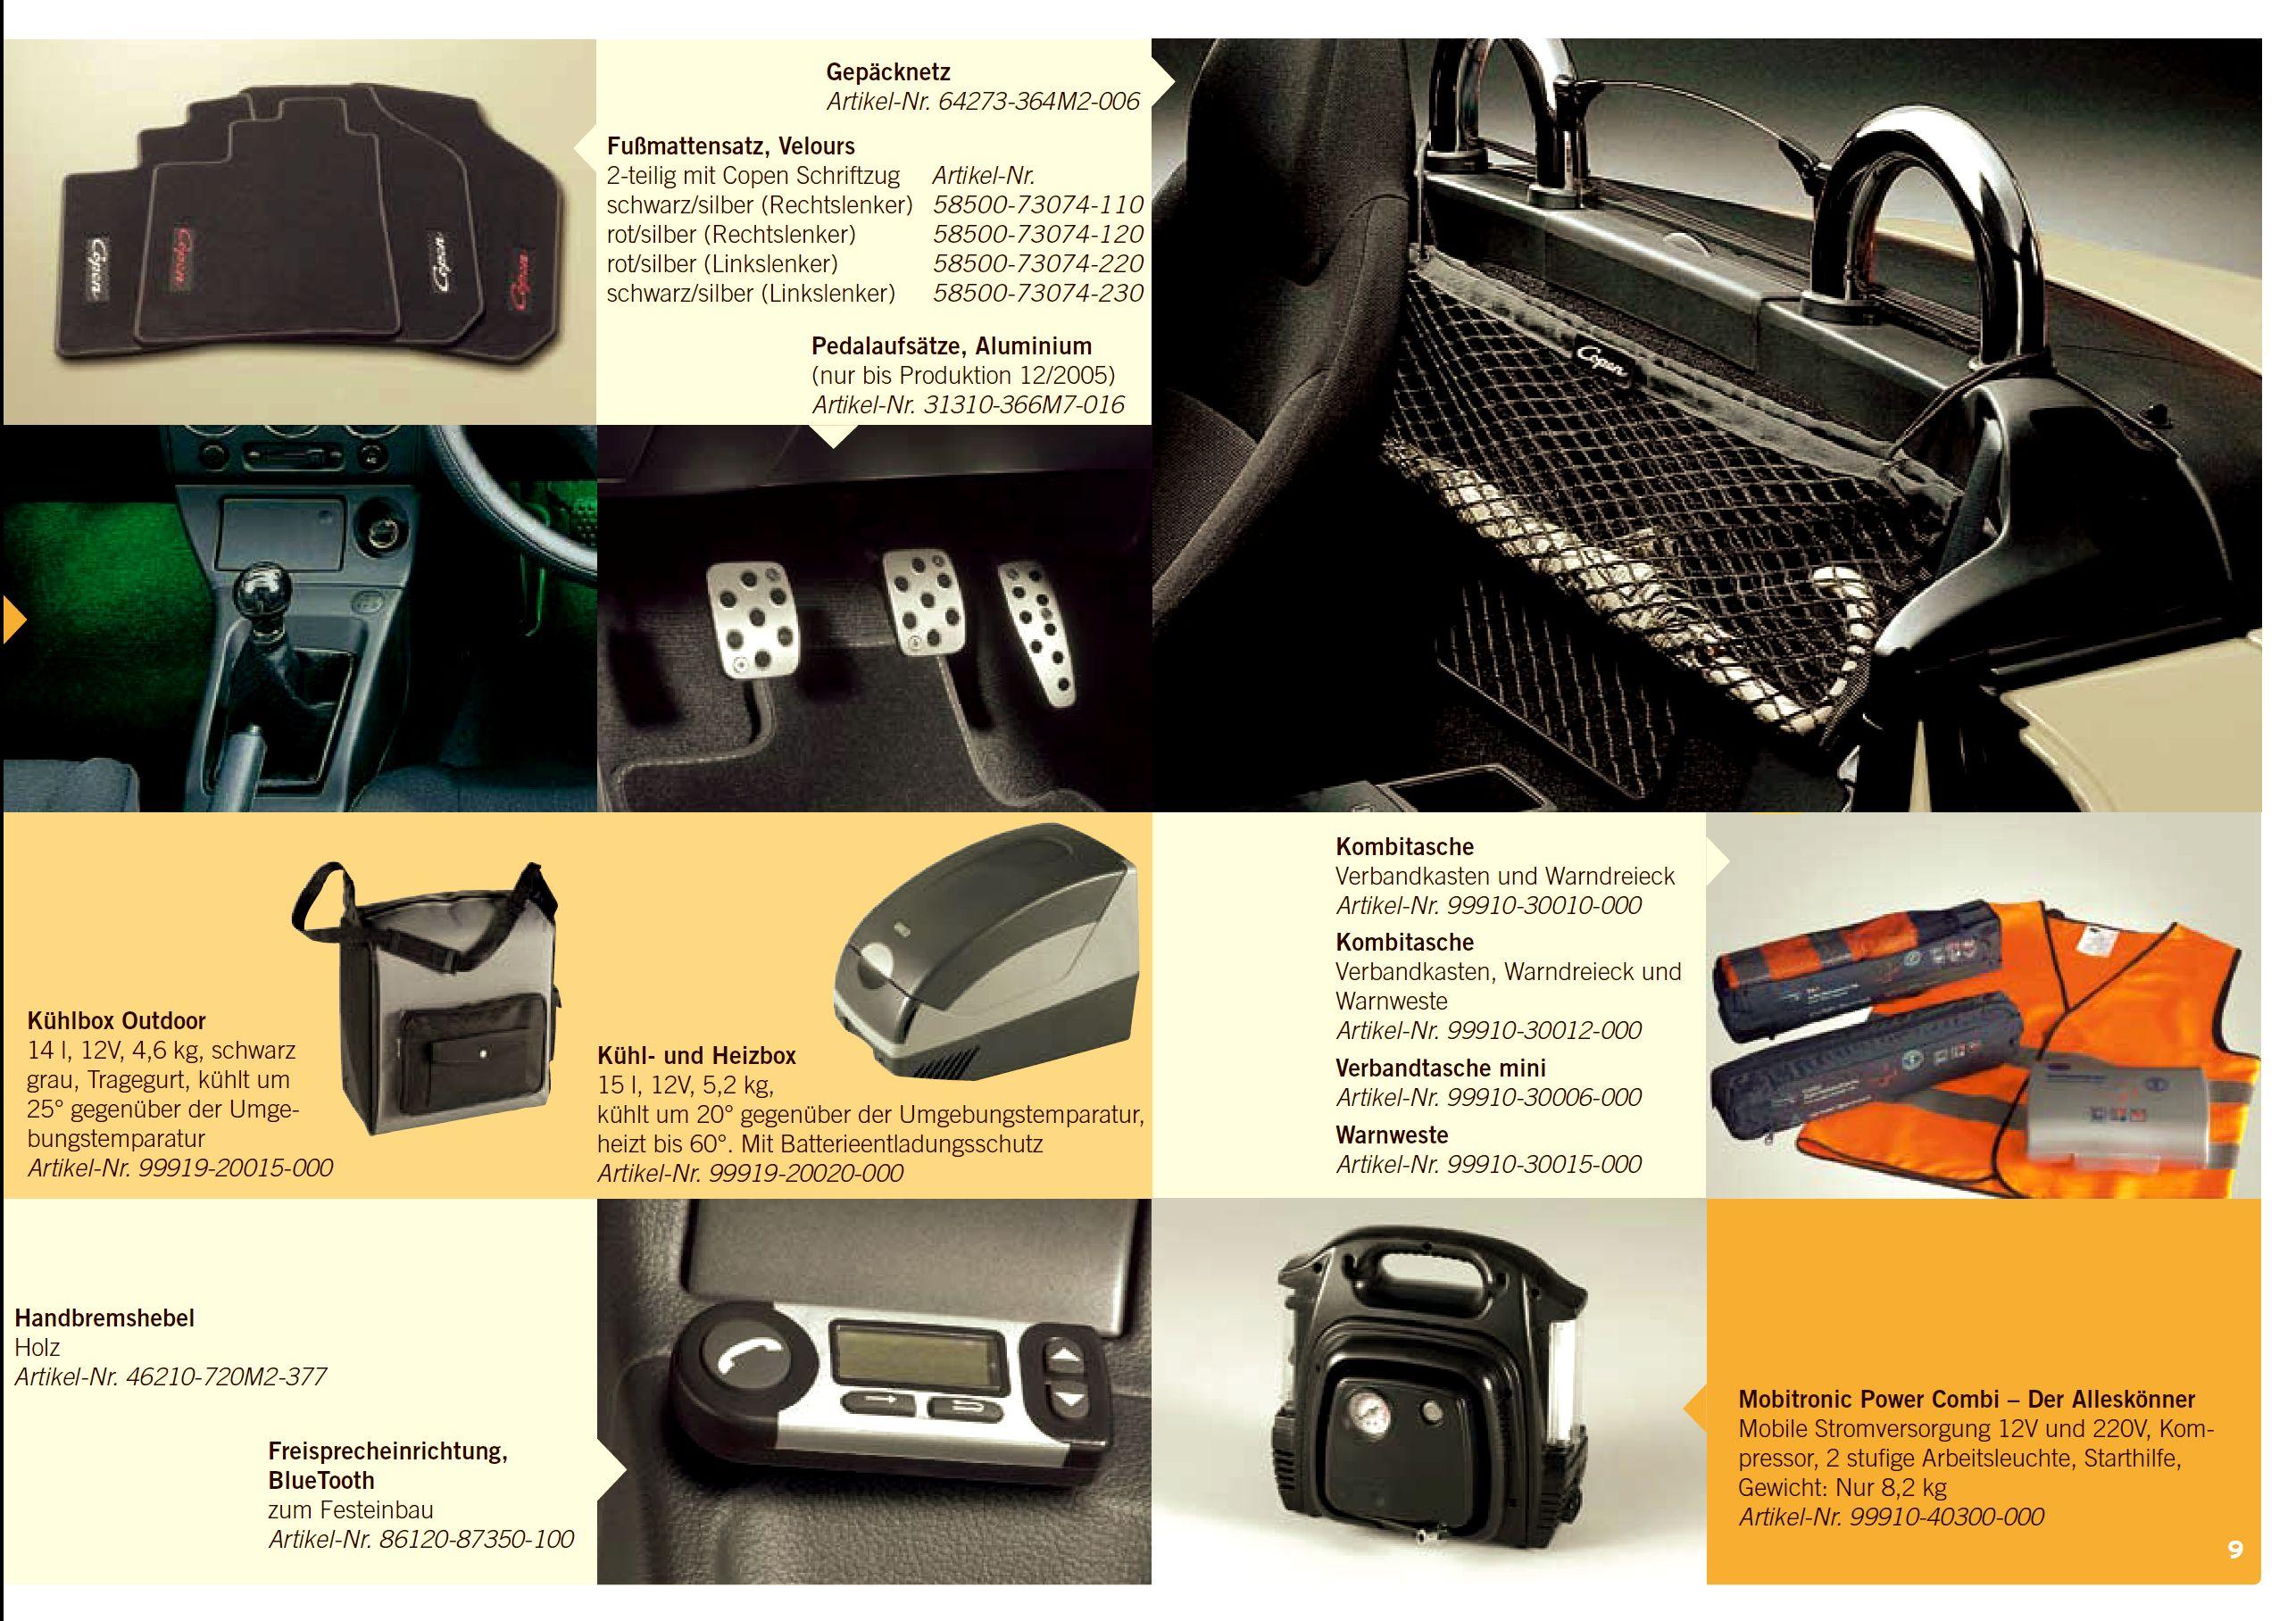 2006 Daihatsu Copen Brochure